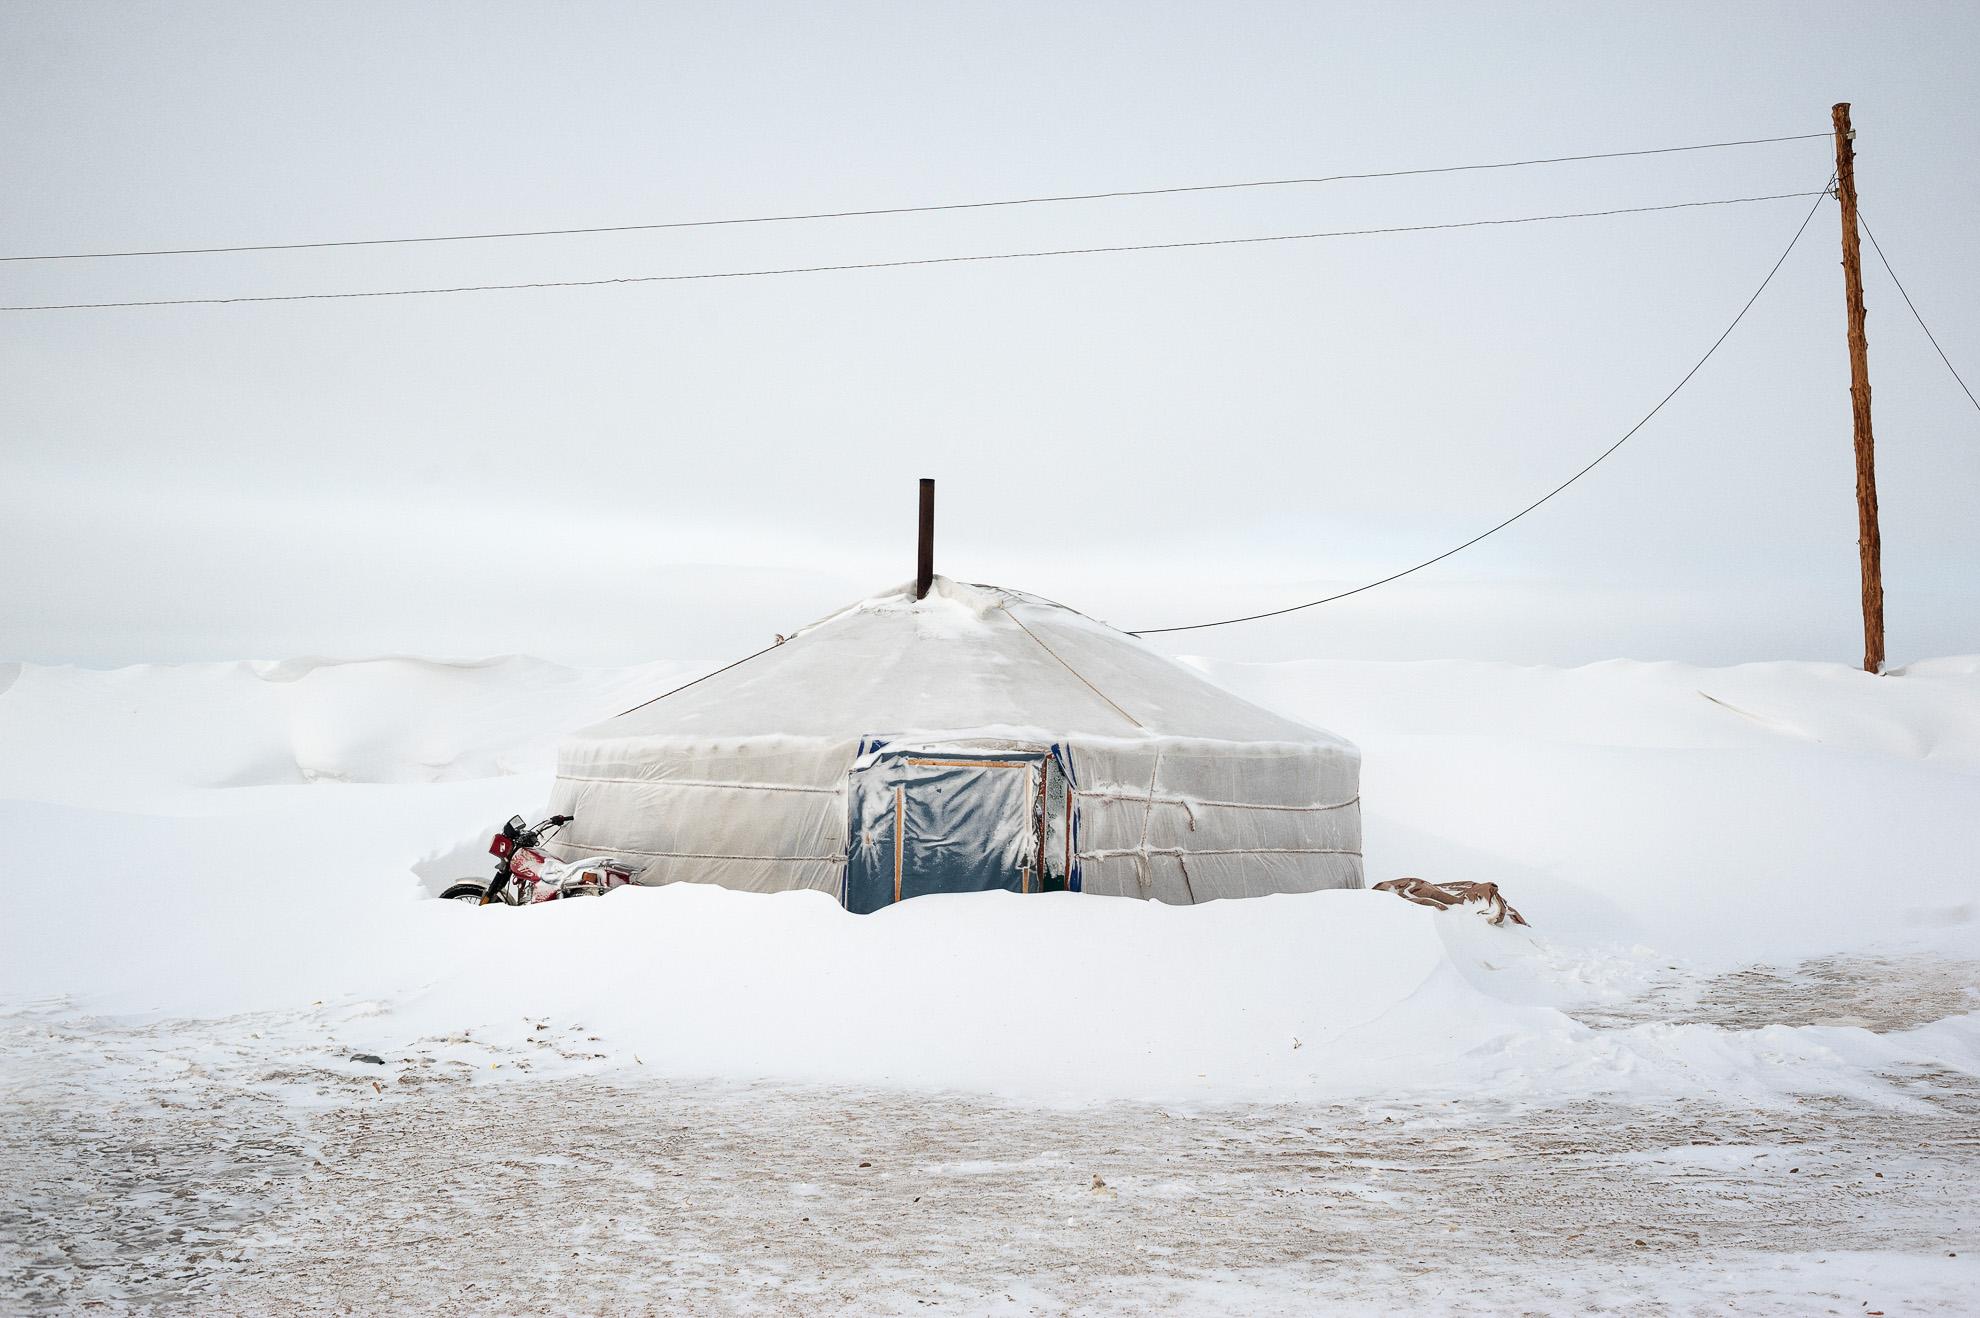 Mongolia, provincia de Arkhangay. Un gher abandonado y sumergido por la nieve. Este gher se levanta cerca del de la familia Tsamba y ha sido abandonado por una familia de pastores. A pesar de los duros inviernos en la provincia mongola de Arkhangai, la familia Tsamba sigue viviendo allí, luchando junto a su rebaño de ovejas. Las severas condiciones invernales, conocidas como dzud, han sido las responsables de la muerte de la mitad del rebaño de la familia, que llegó a tener 2.000 ovejas, en los últimos tres inviernos. Recientemente, en busca de pastos más cálidos, los Tsambas se trasladaron desde la provincia de Bulgan, en el norte, a esta región cercana a un pueblo del centro de Mongolia llamado Ulziit.